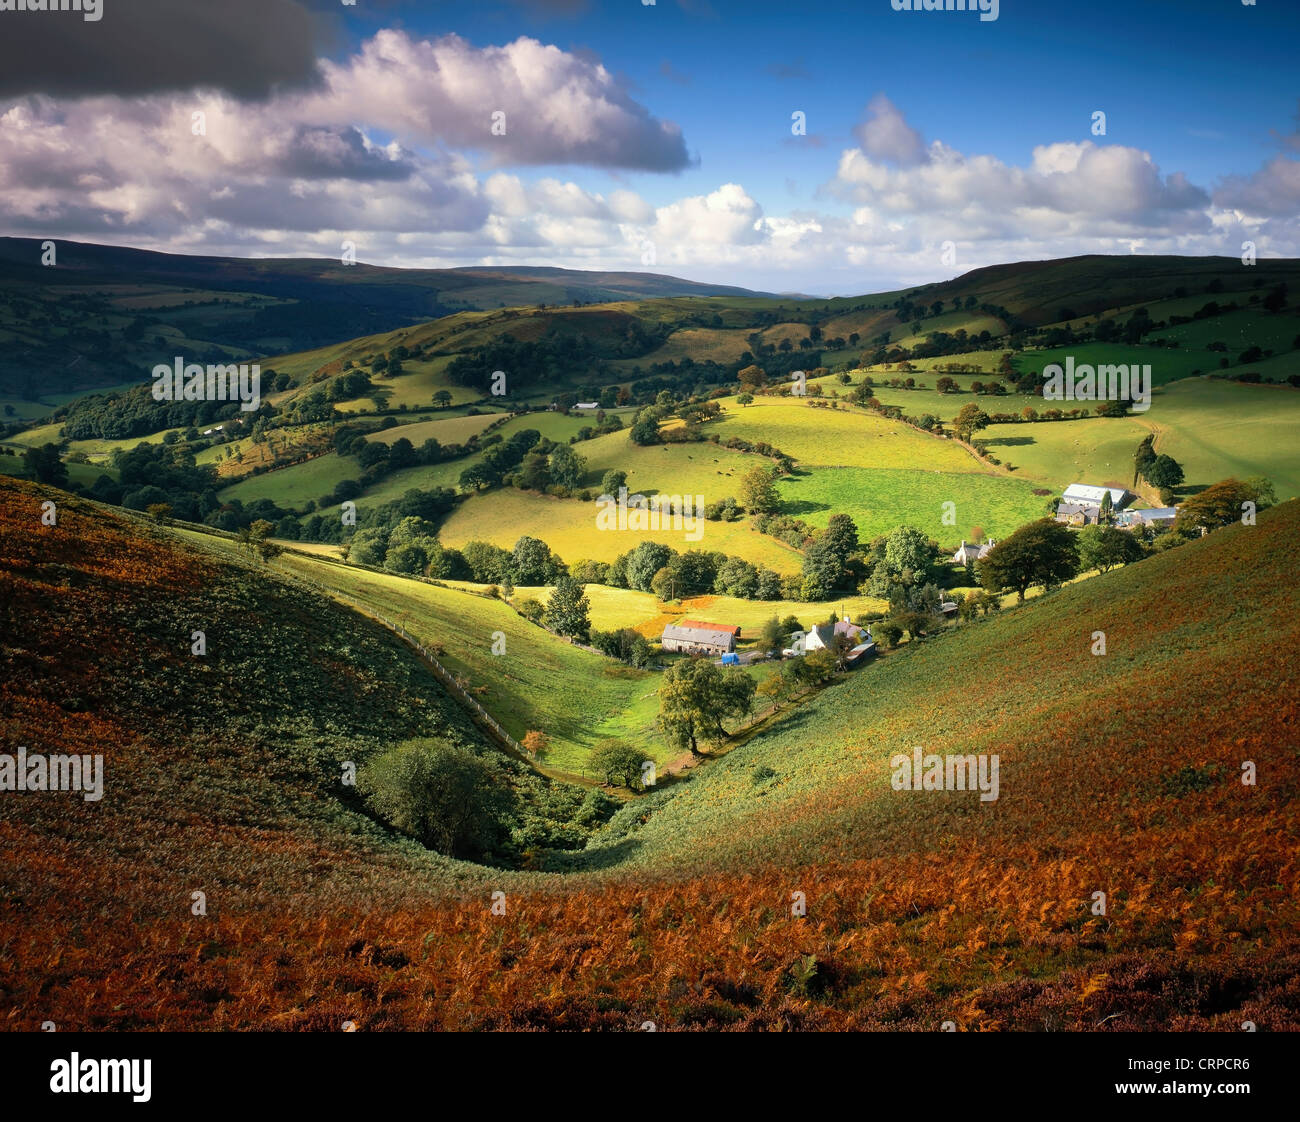 Vista attraverso una felce-valle rivestito in Llantysilio colline a fine estate. Immagini Stock